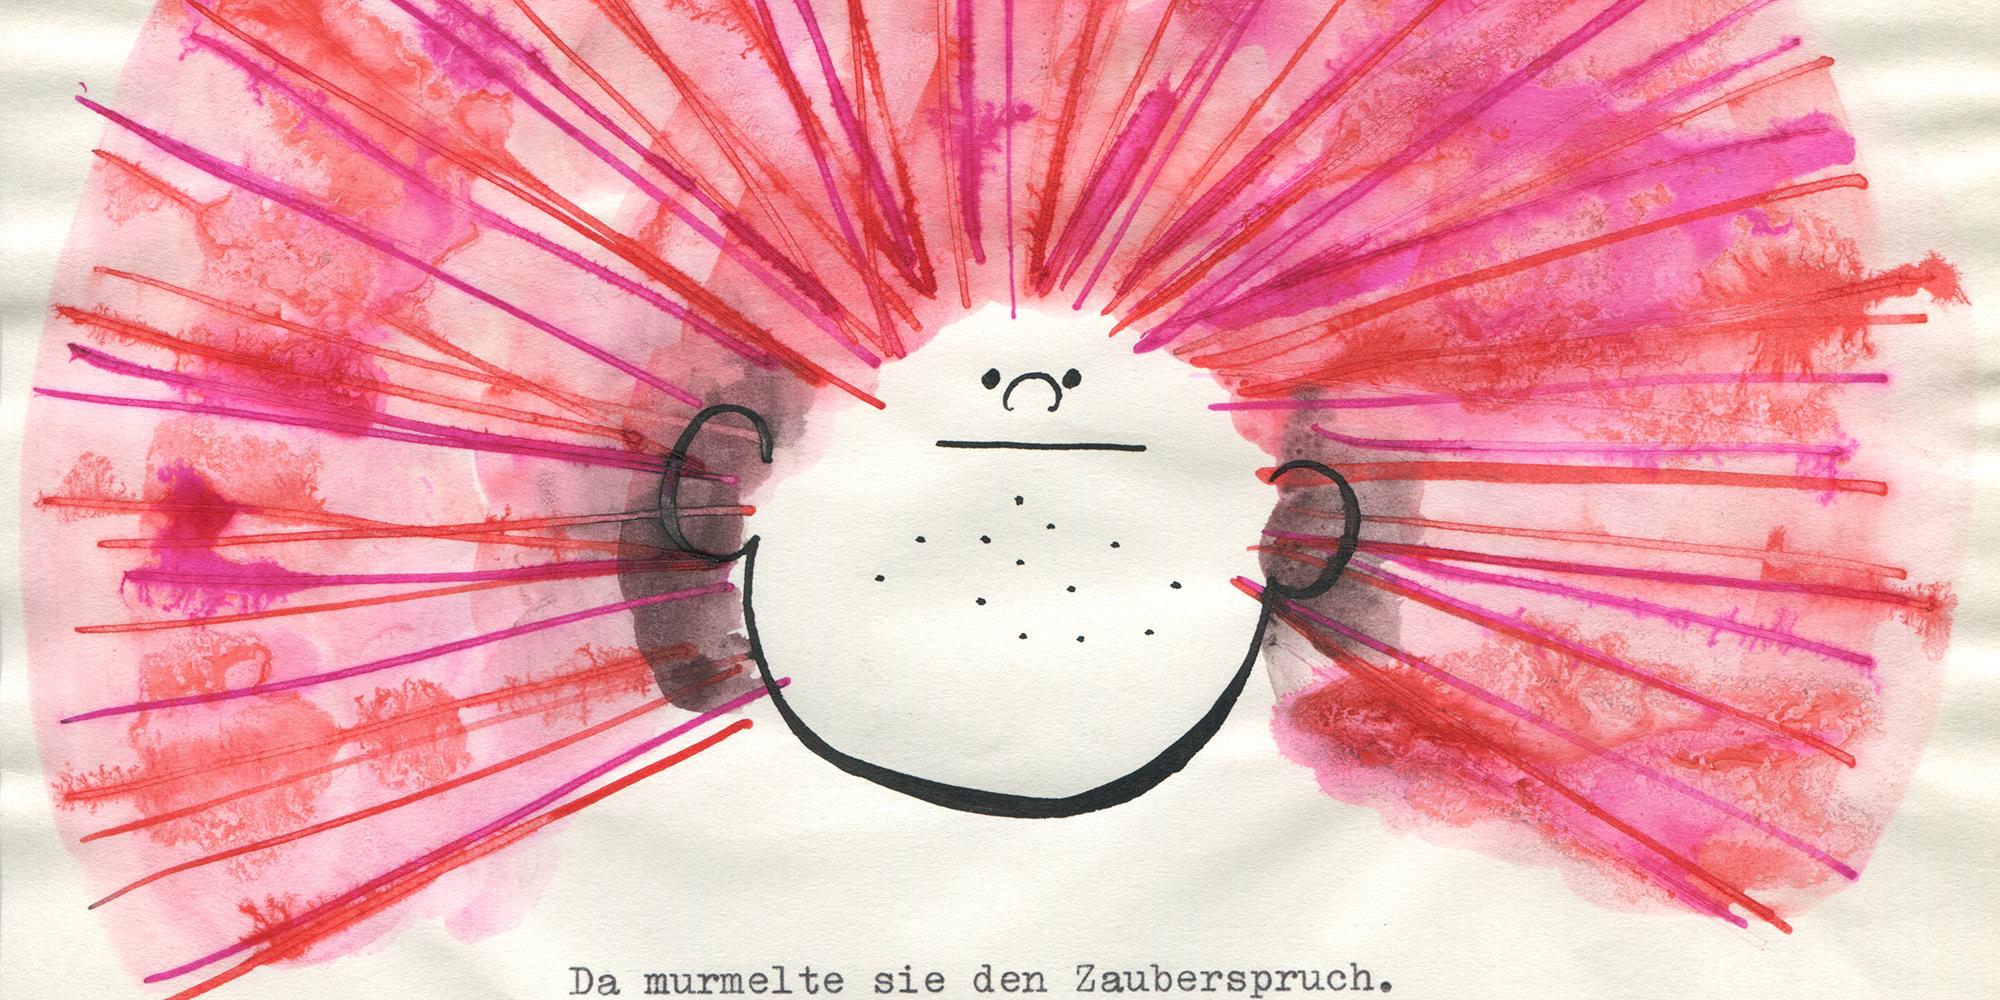 © Christine Nöstlinger, Die feuerrote Friederike, 1970 © Christine Nöstlingers Buchstabenfabrik GmbH